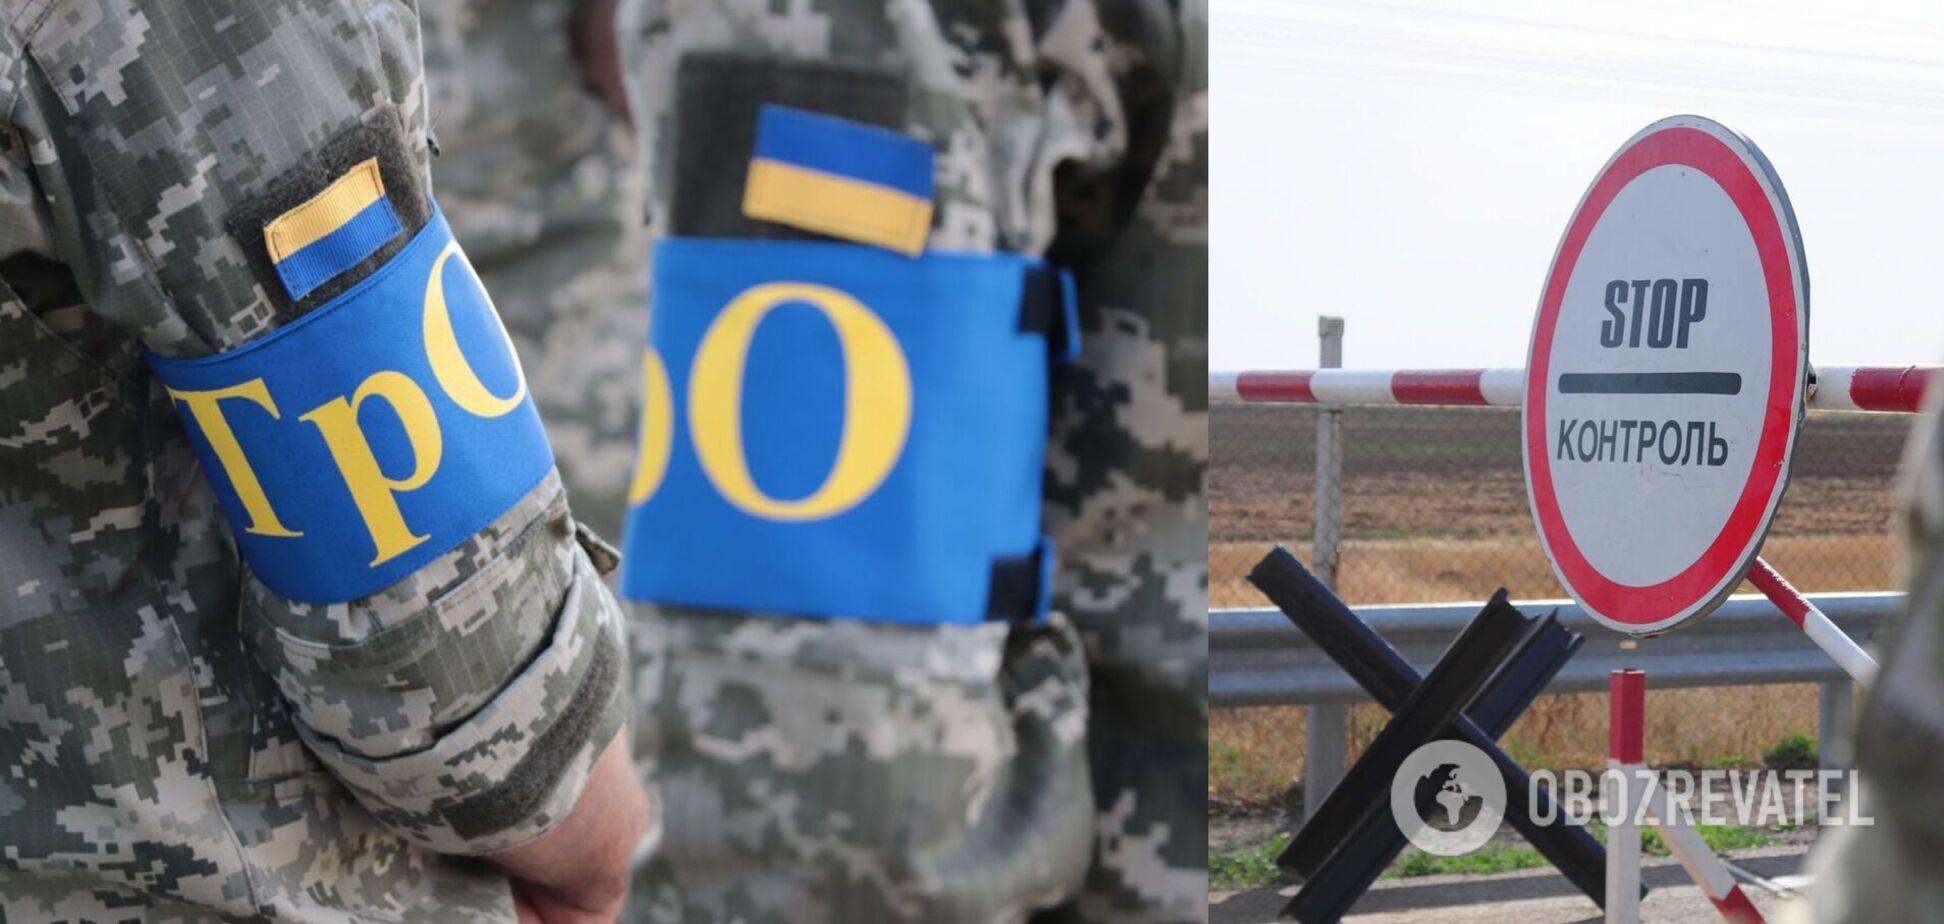 Тероборону ЗСУ зібрали на навчання в прикордонних районах на півдні України